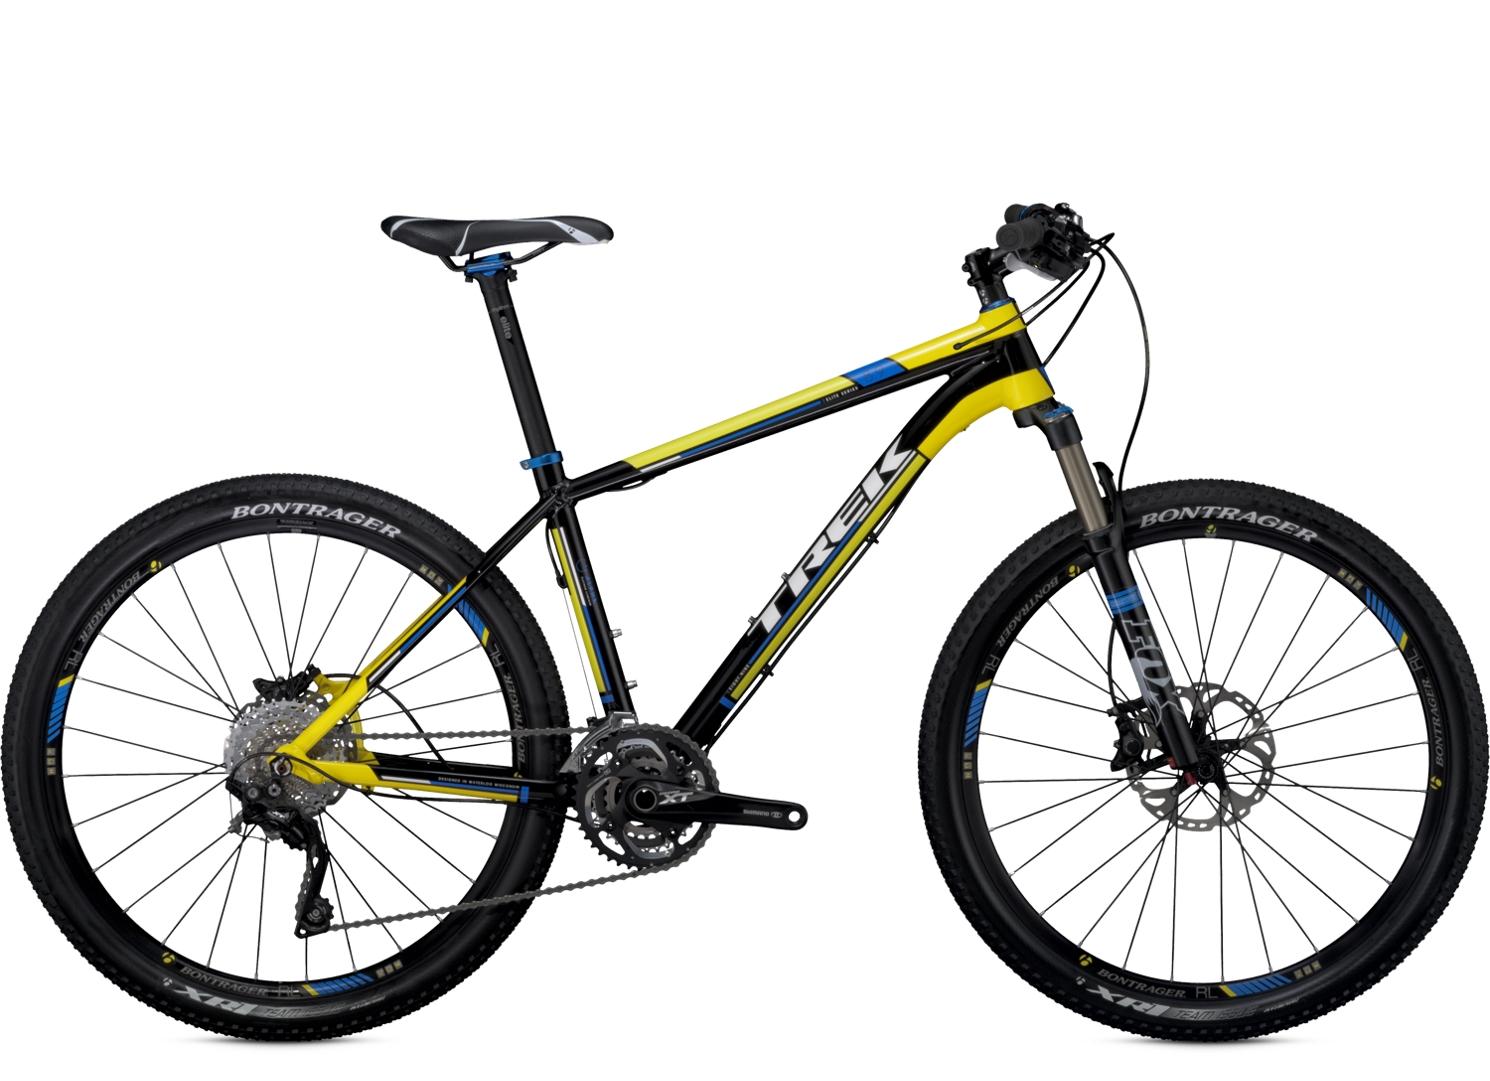 Download bike photo